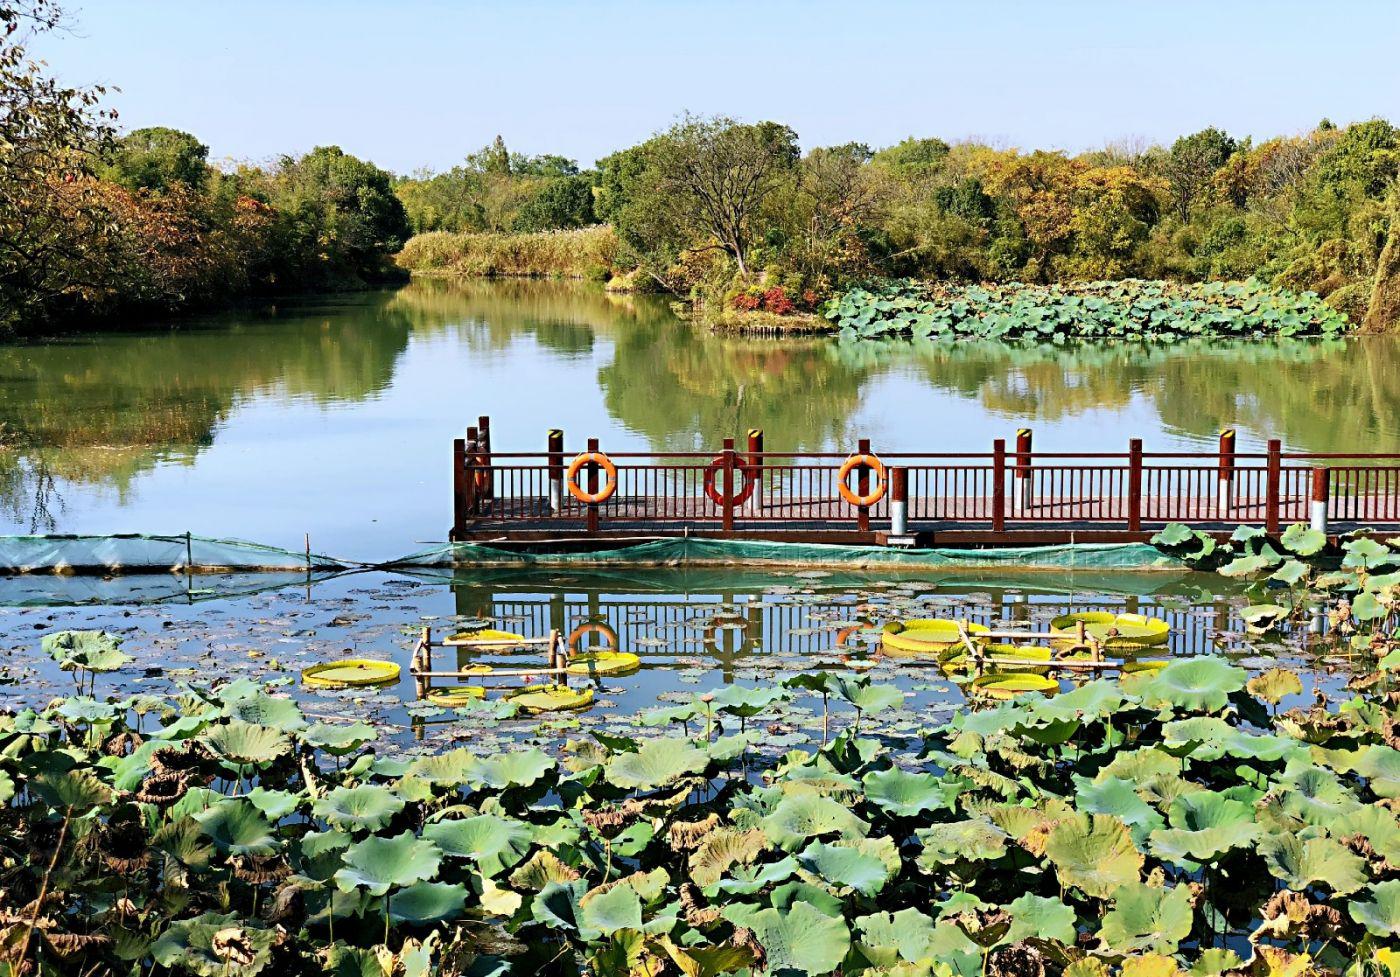 【田螺随拍】西溪湿地、非诚勿扰场景-手机版_图1-19